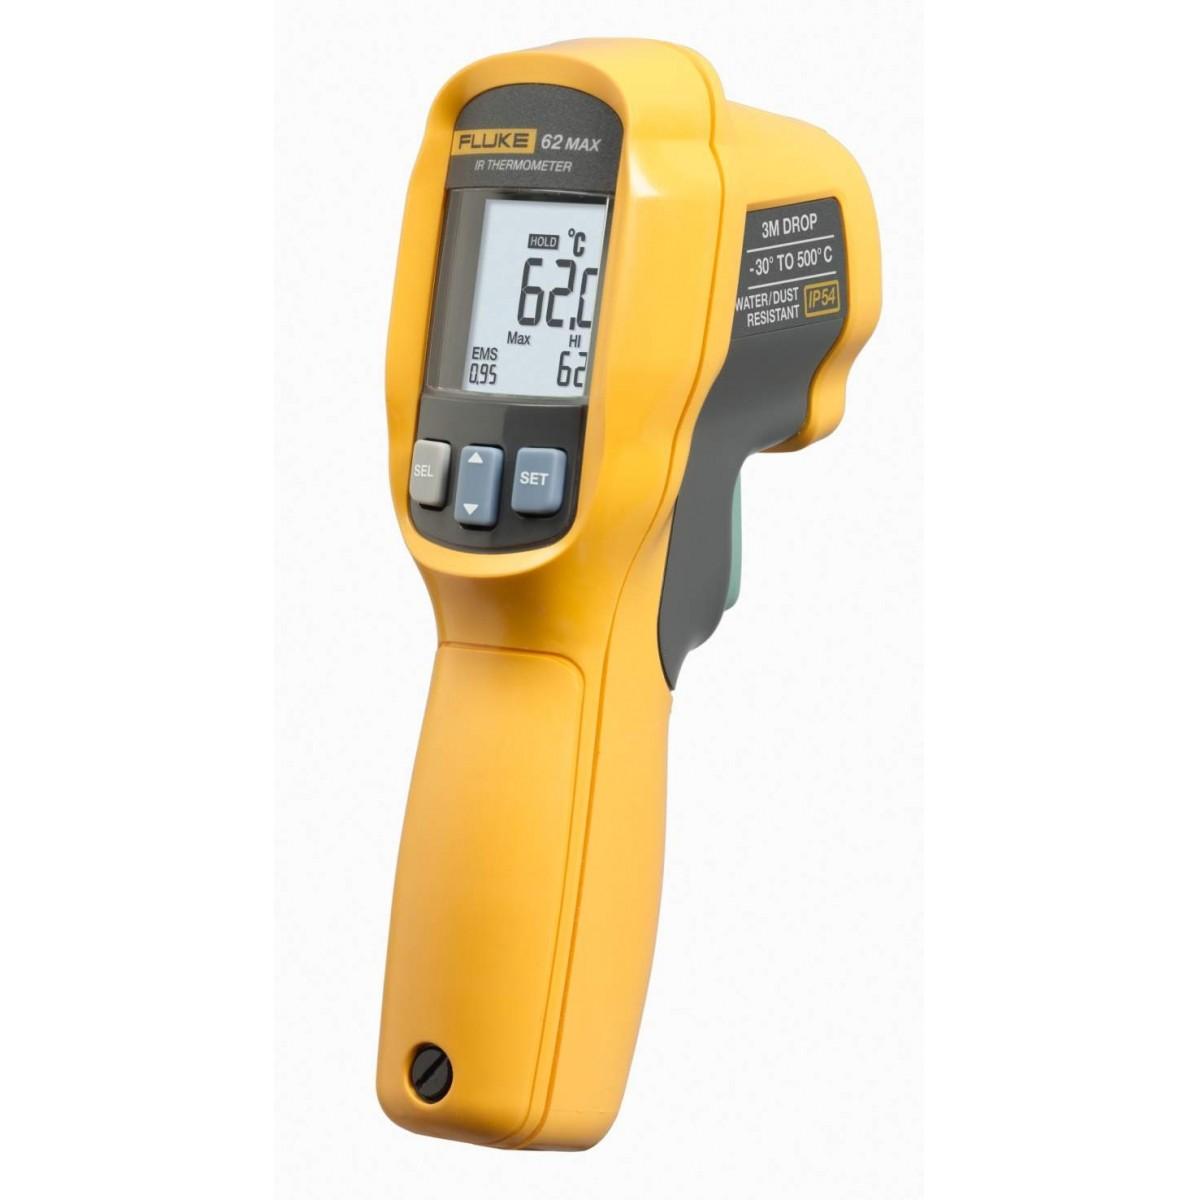 Fluke 62 MAX - Termômetros infravermelhos  -30 °C a 500 °C